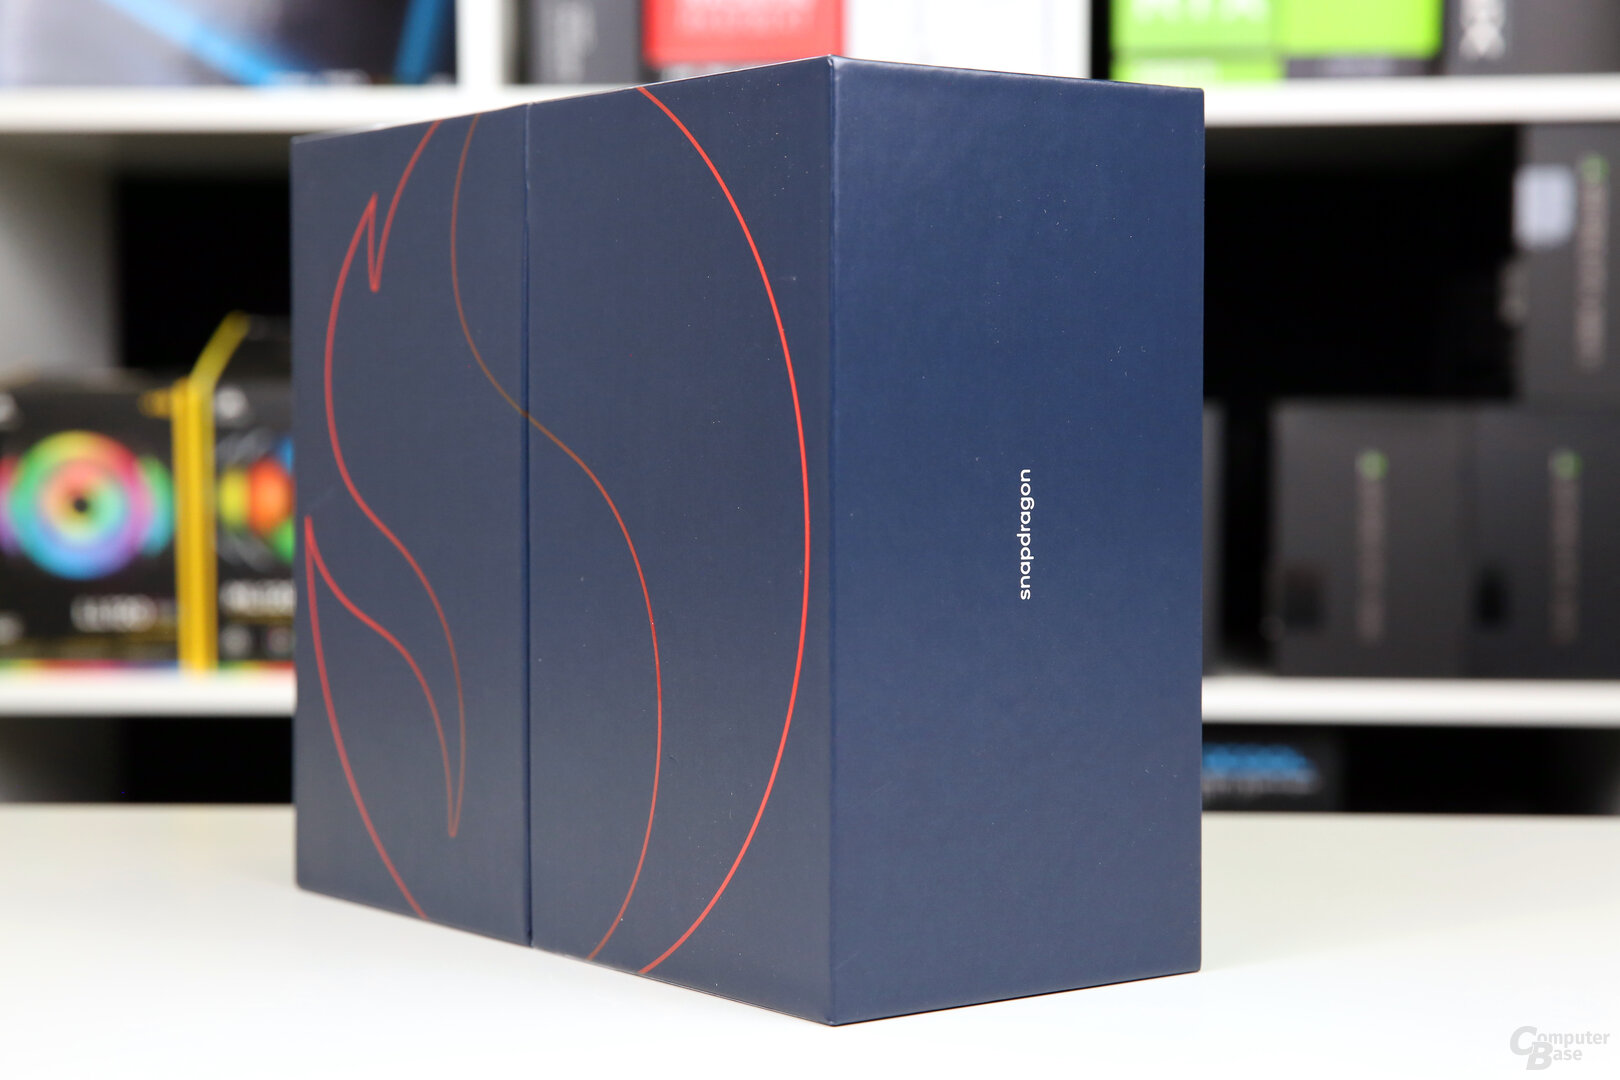 Verpackung des Smartphone for Snapdragon Insiders